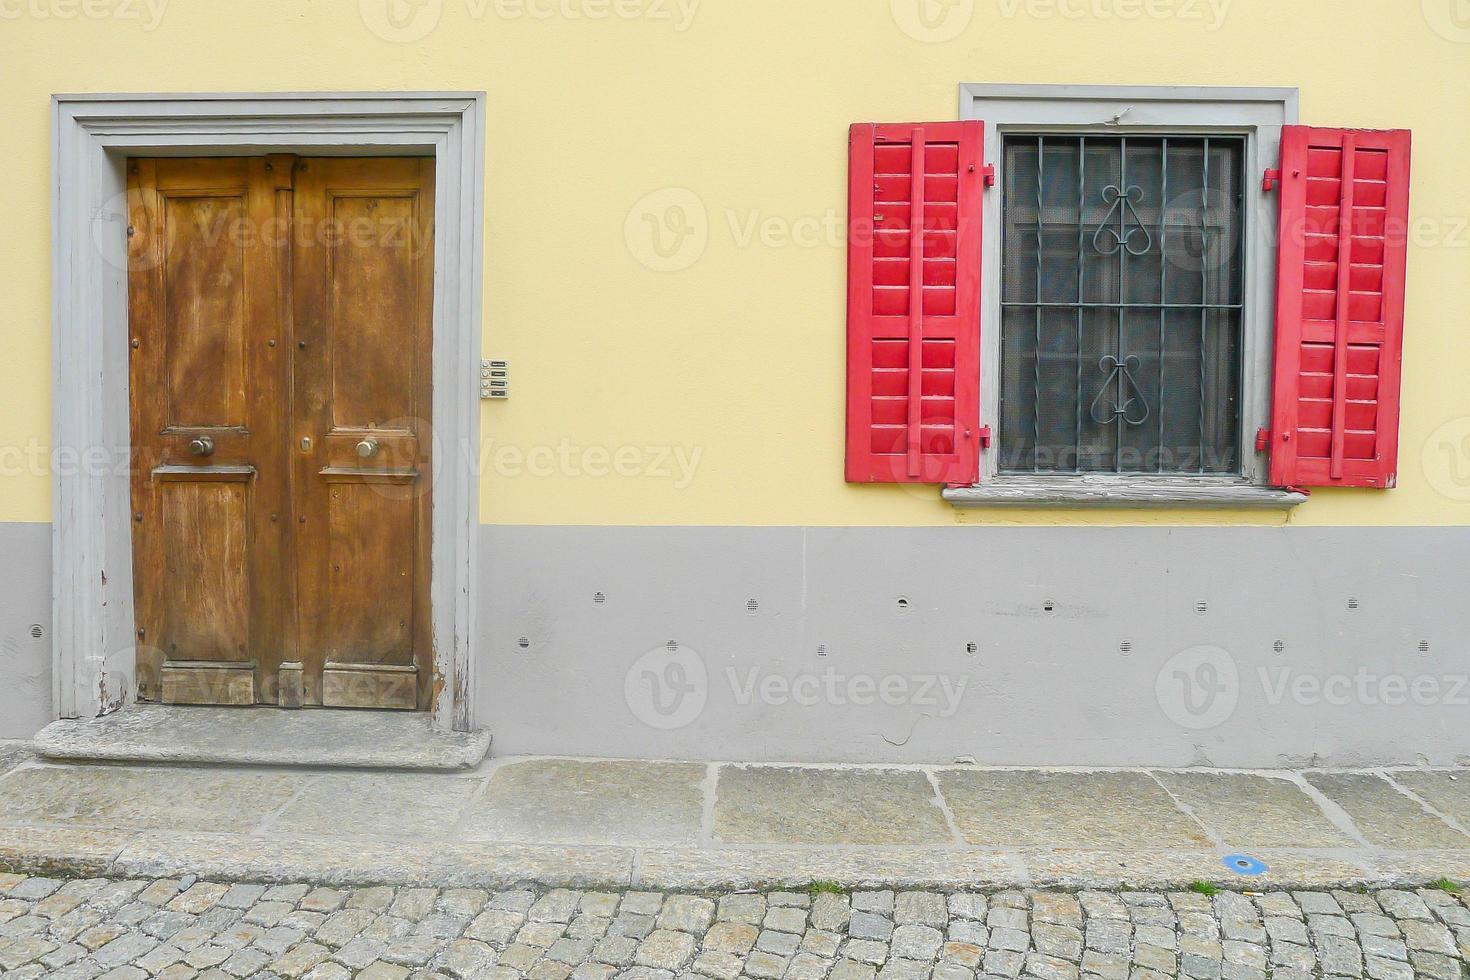 puerta y ventana de madera foto